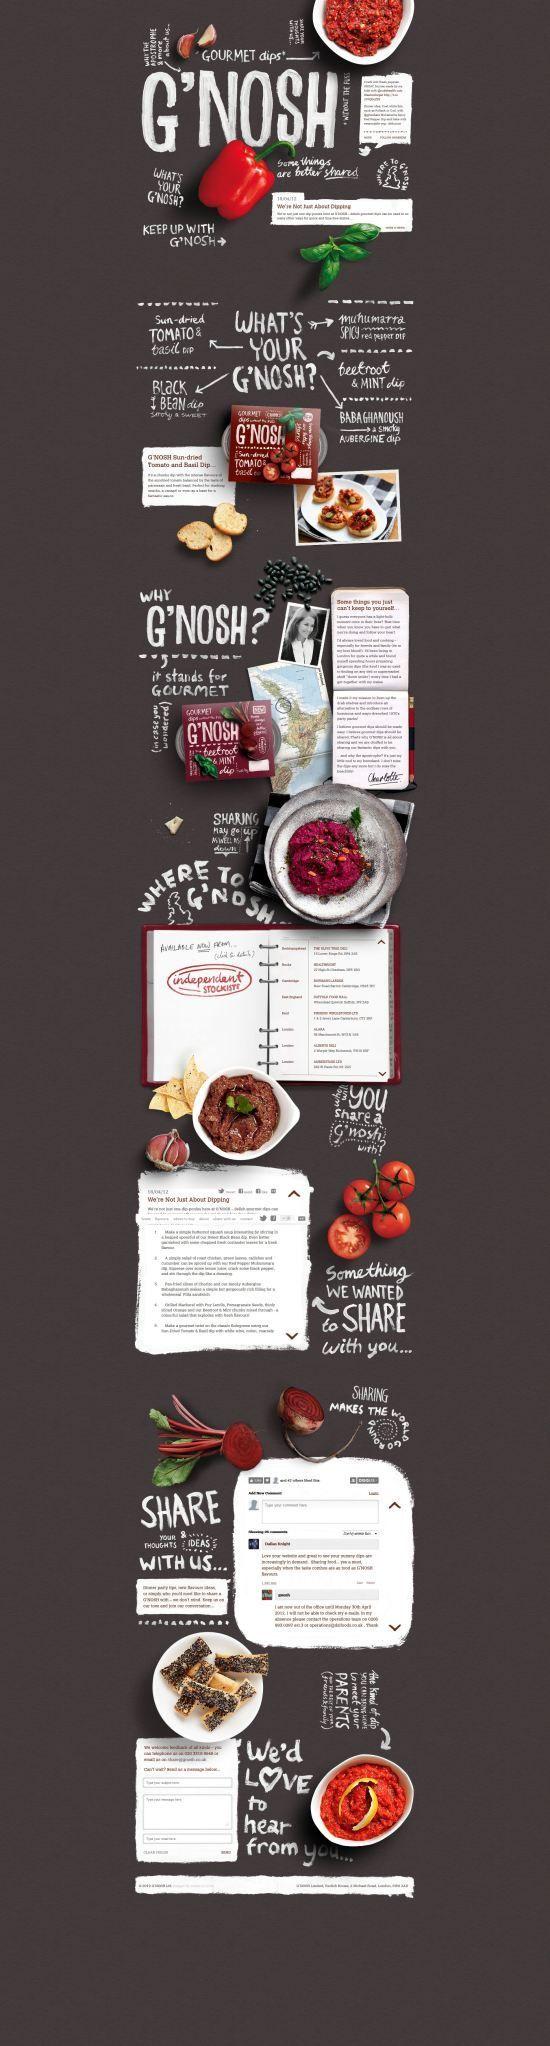 J'aime bien l'effet tableau qu'on peut agréablement écrire les menus. Le noir en arrière plan fait ressortir les éléments (soit l'écriture) blanche. Chose WebsitesYES.com for your design needs.